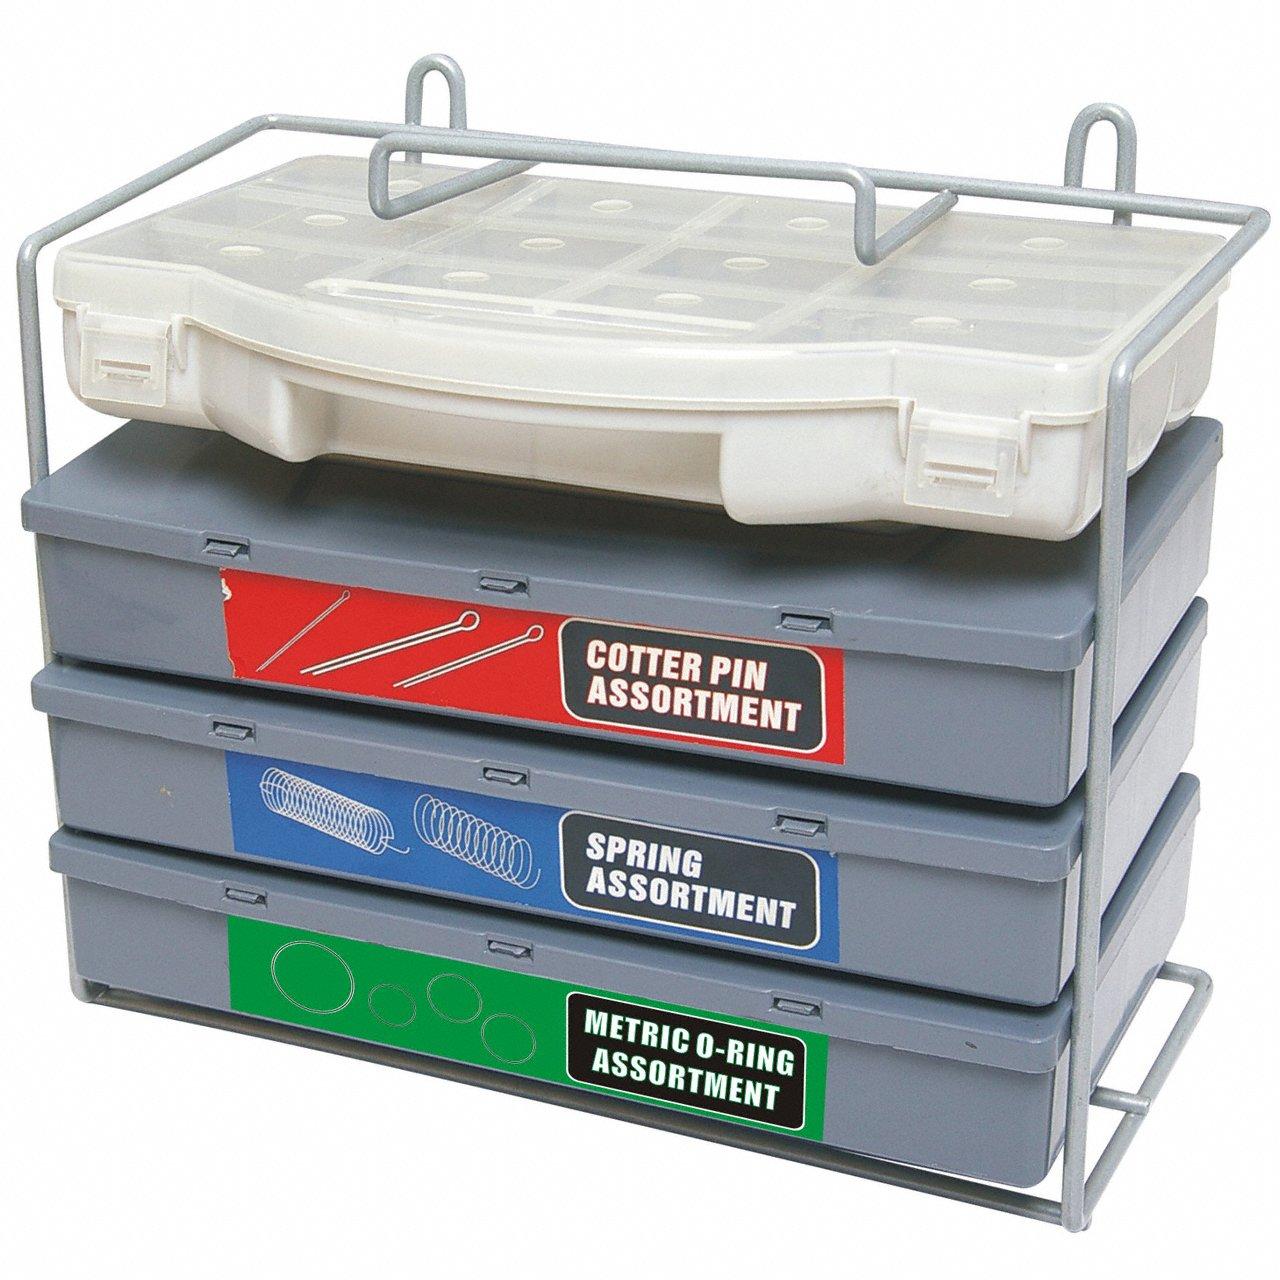 Splinte-Sortiment/Sicherungssplinte-Sortiment Federn-Sortiment und O-Ring Sortiment fü r Werkstatt oder Garage 1000-tlg. (im Aufbewahrungsbox/Sortimentsbox) Alkan